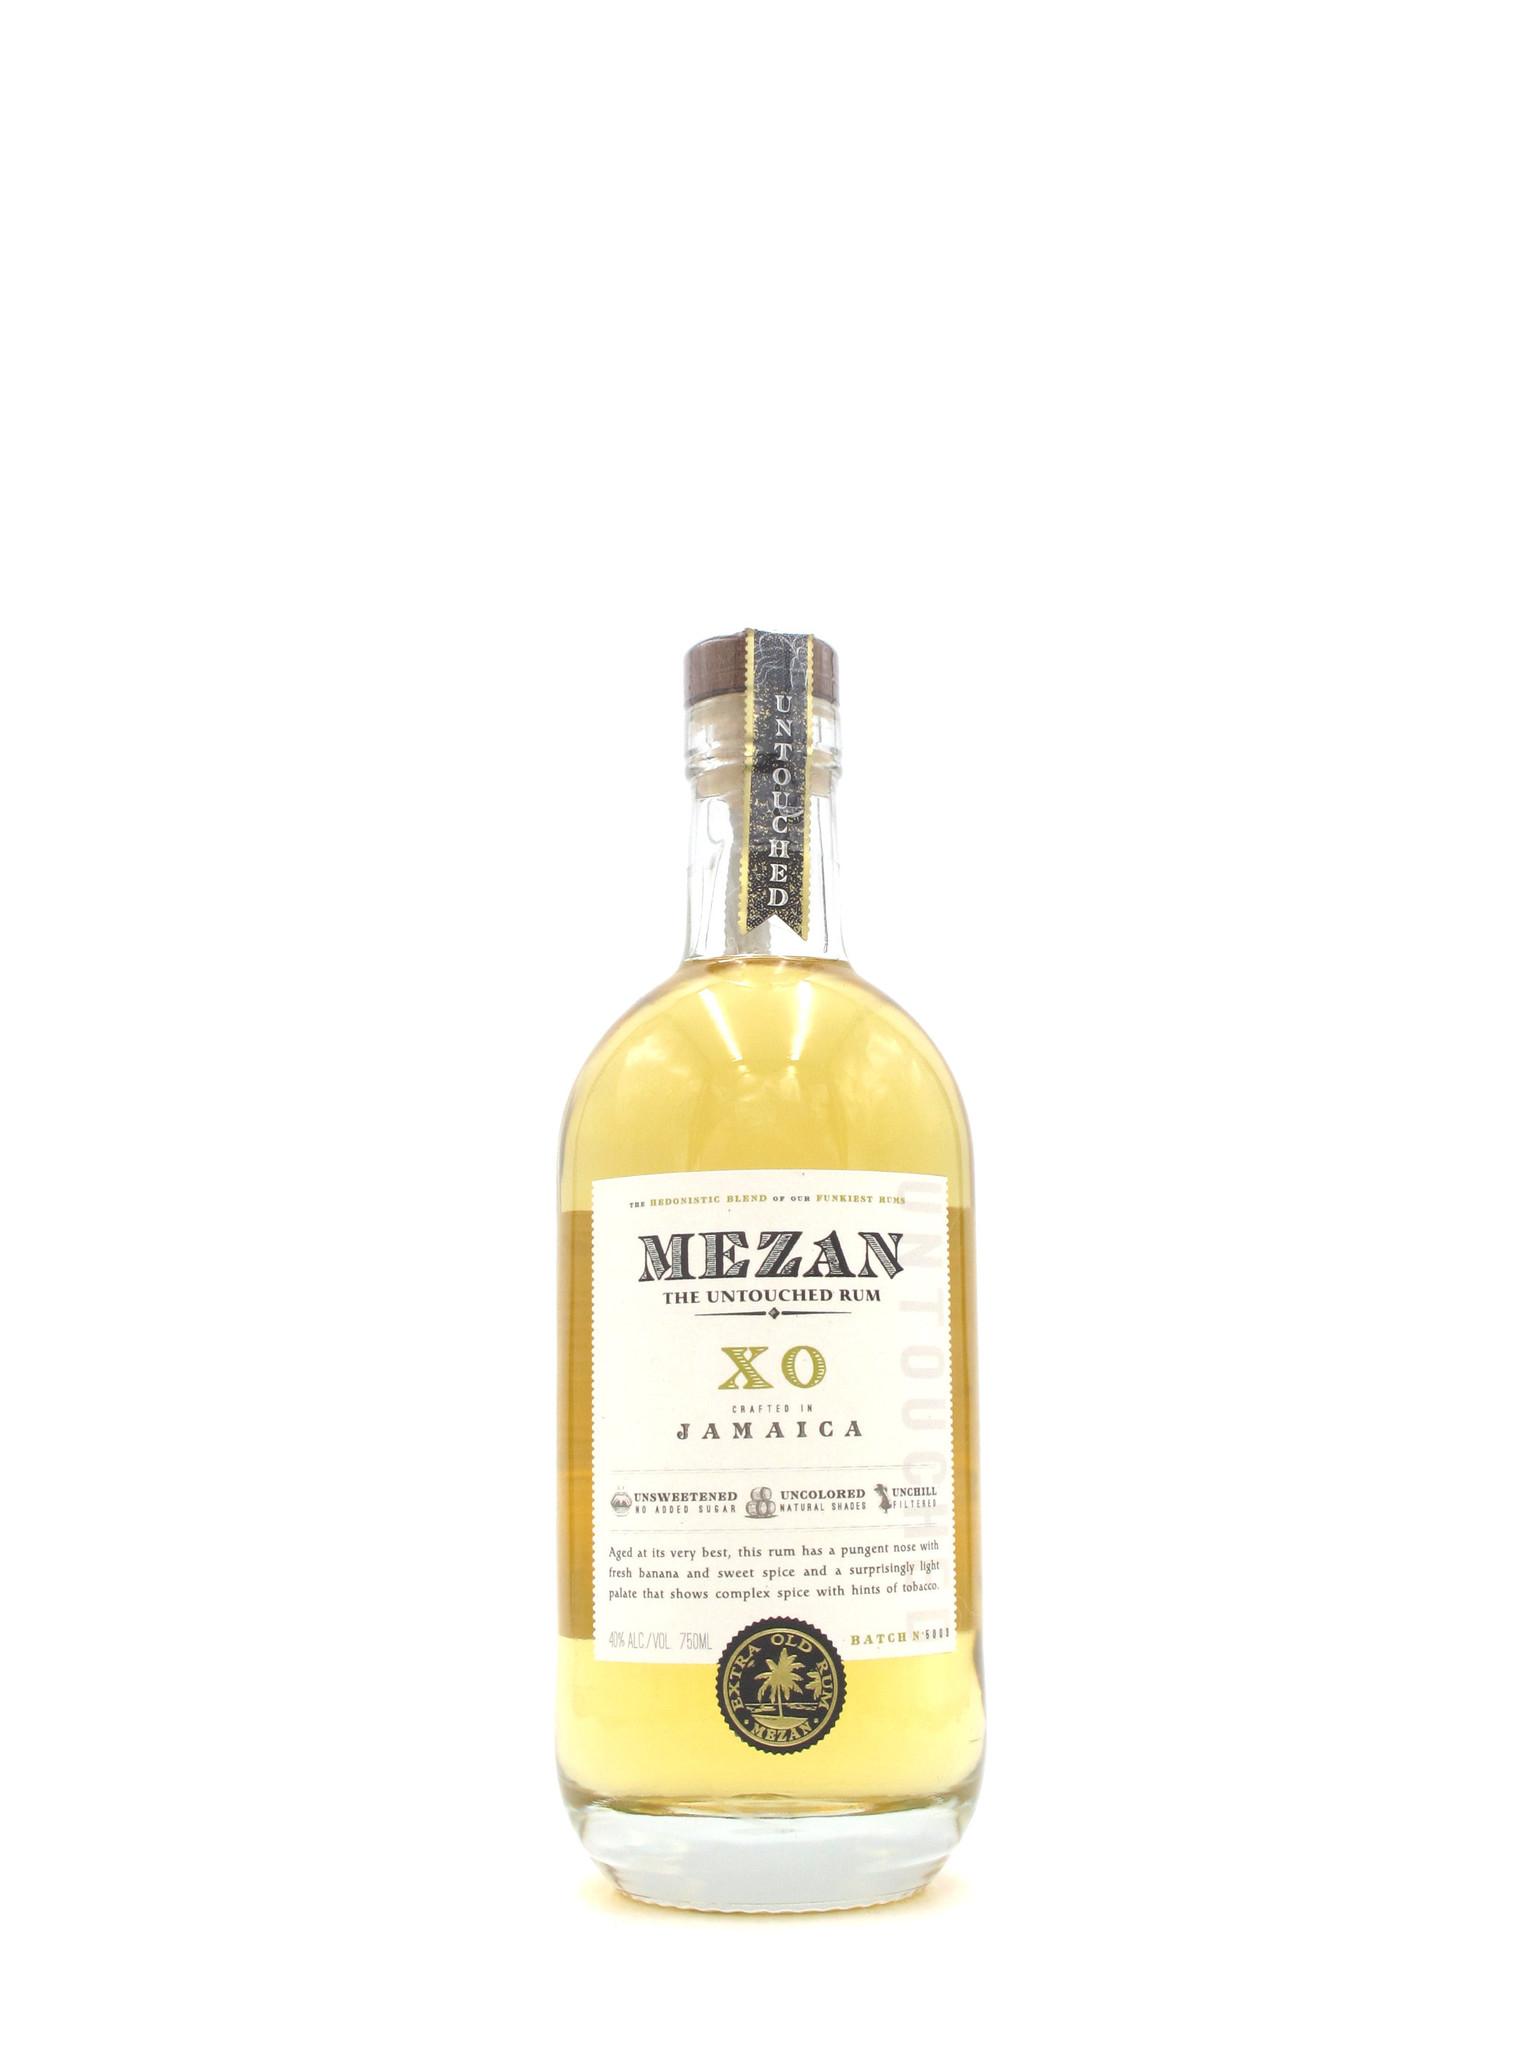 Mezan Mezan Rum XO Jamaica